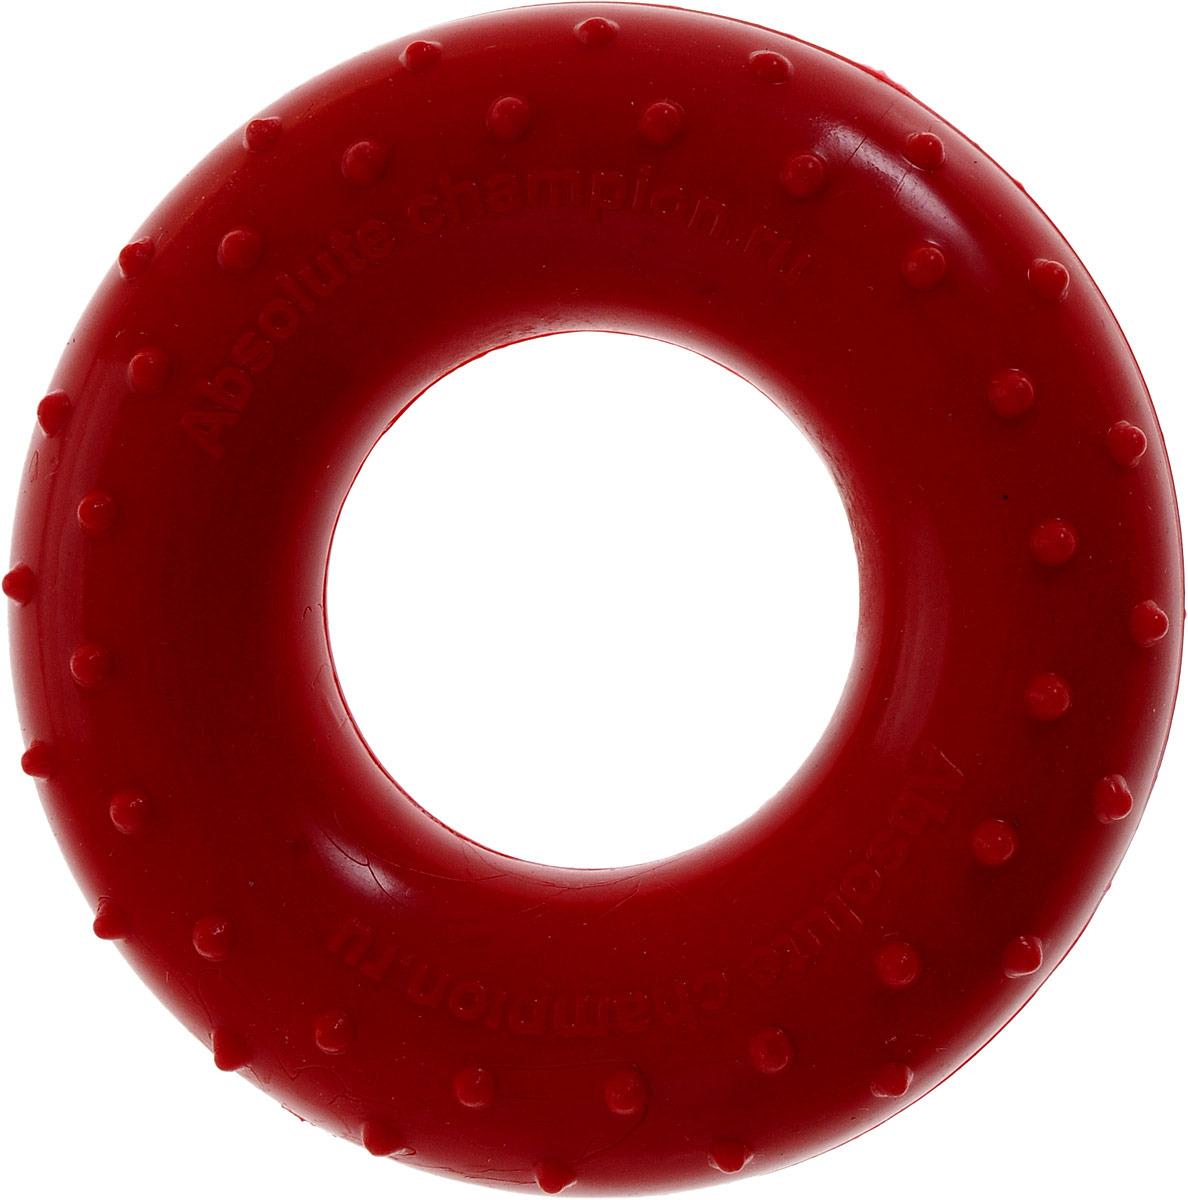 Эспандер Absolute Champion, 4607156360659, красный, усилие 10 кг детский спортивный комплекс absolute champion самолет салатово красный